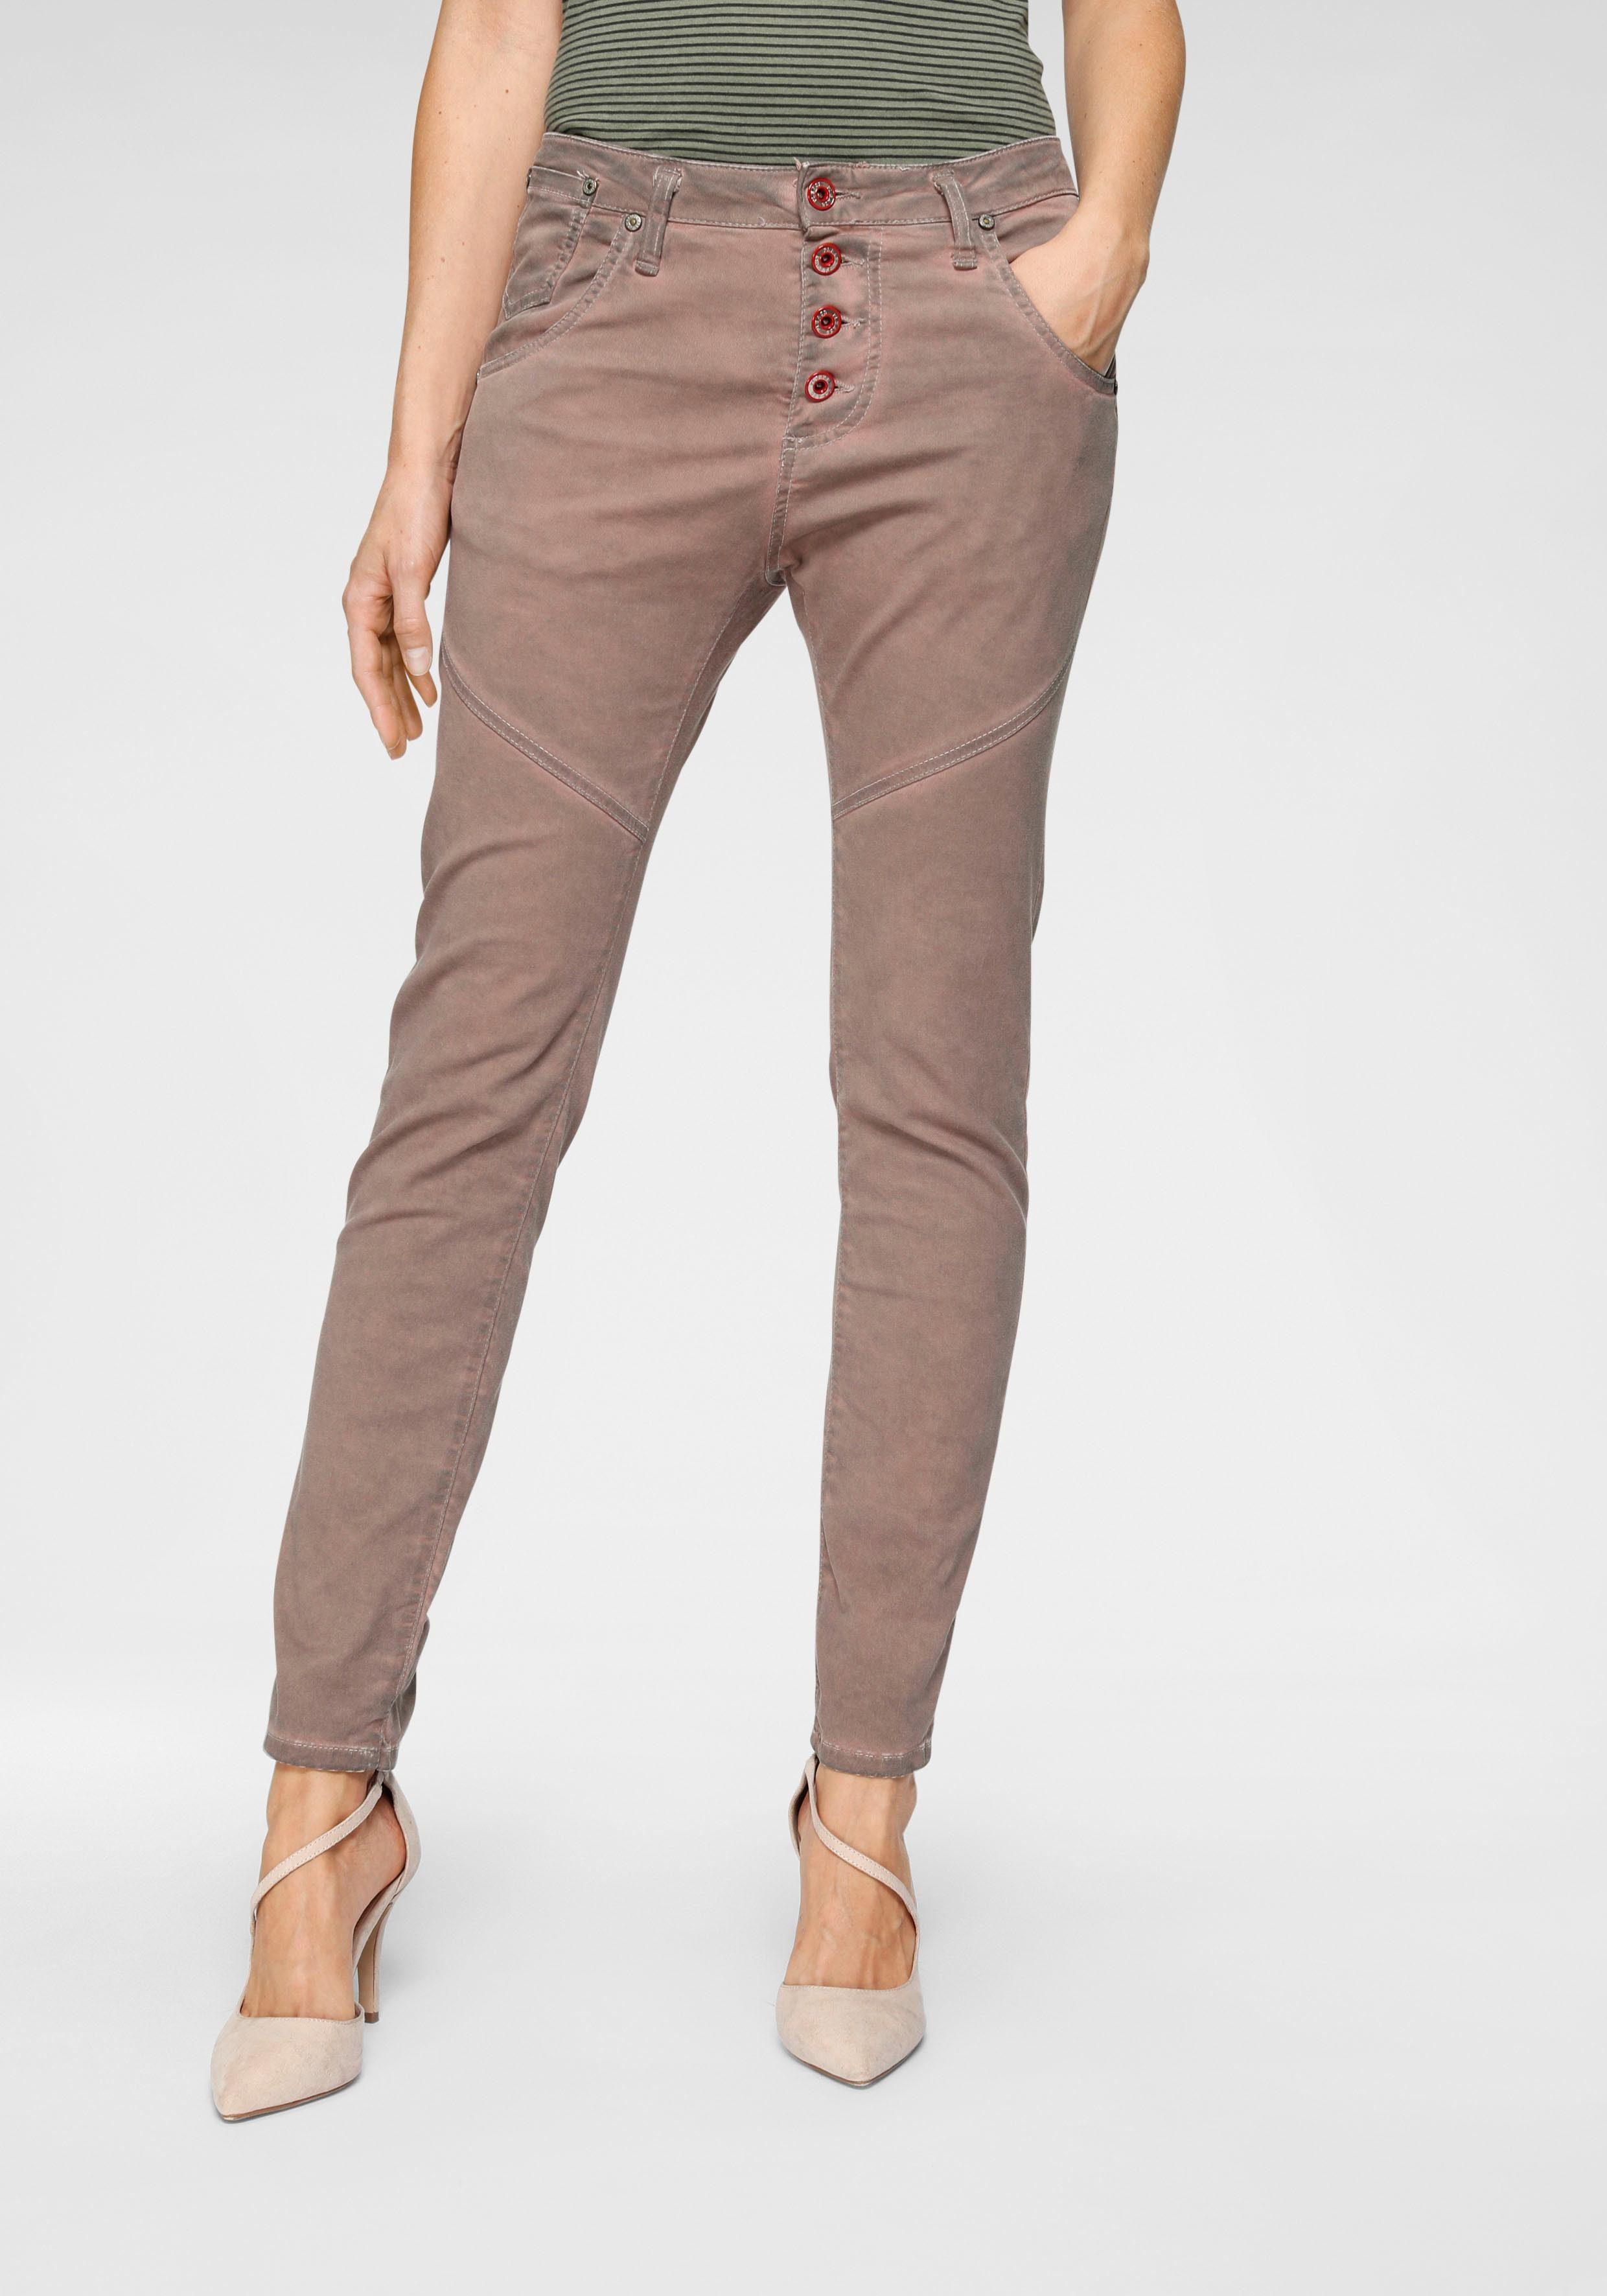 Röhrenhose Im Kaufen Haptik Boyfriend Please Jeans »p78a« Online Mit cut Samtiger TlF1cKJ